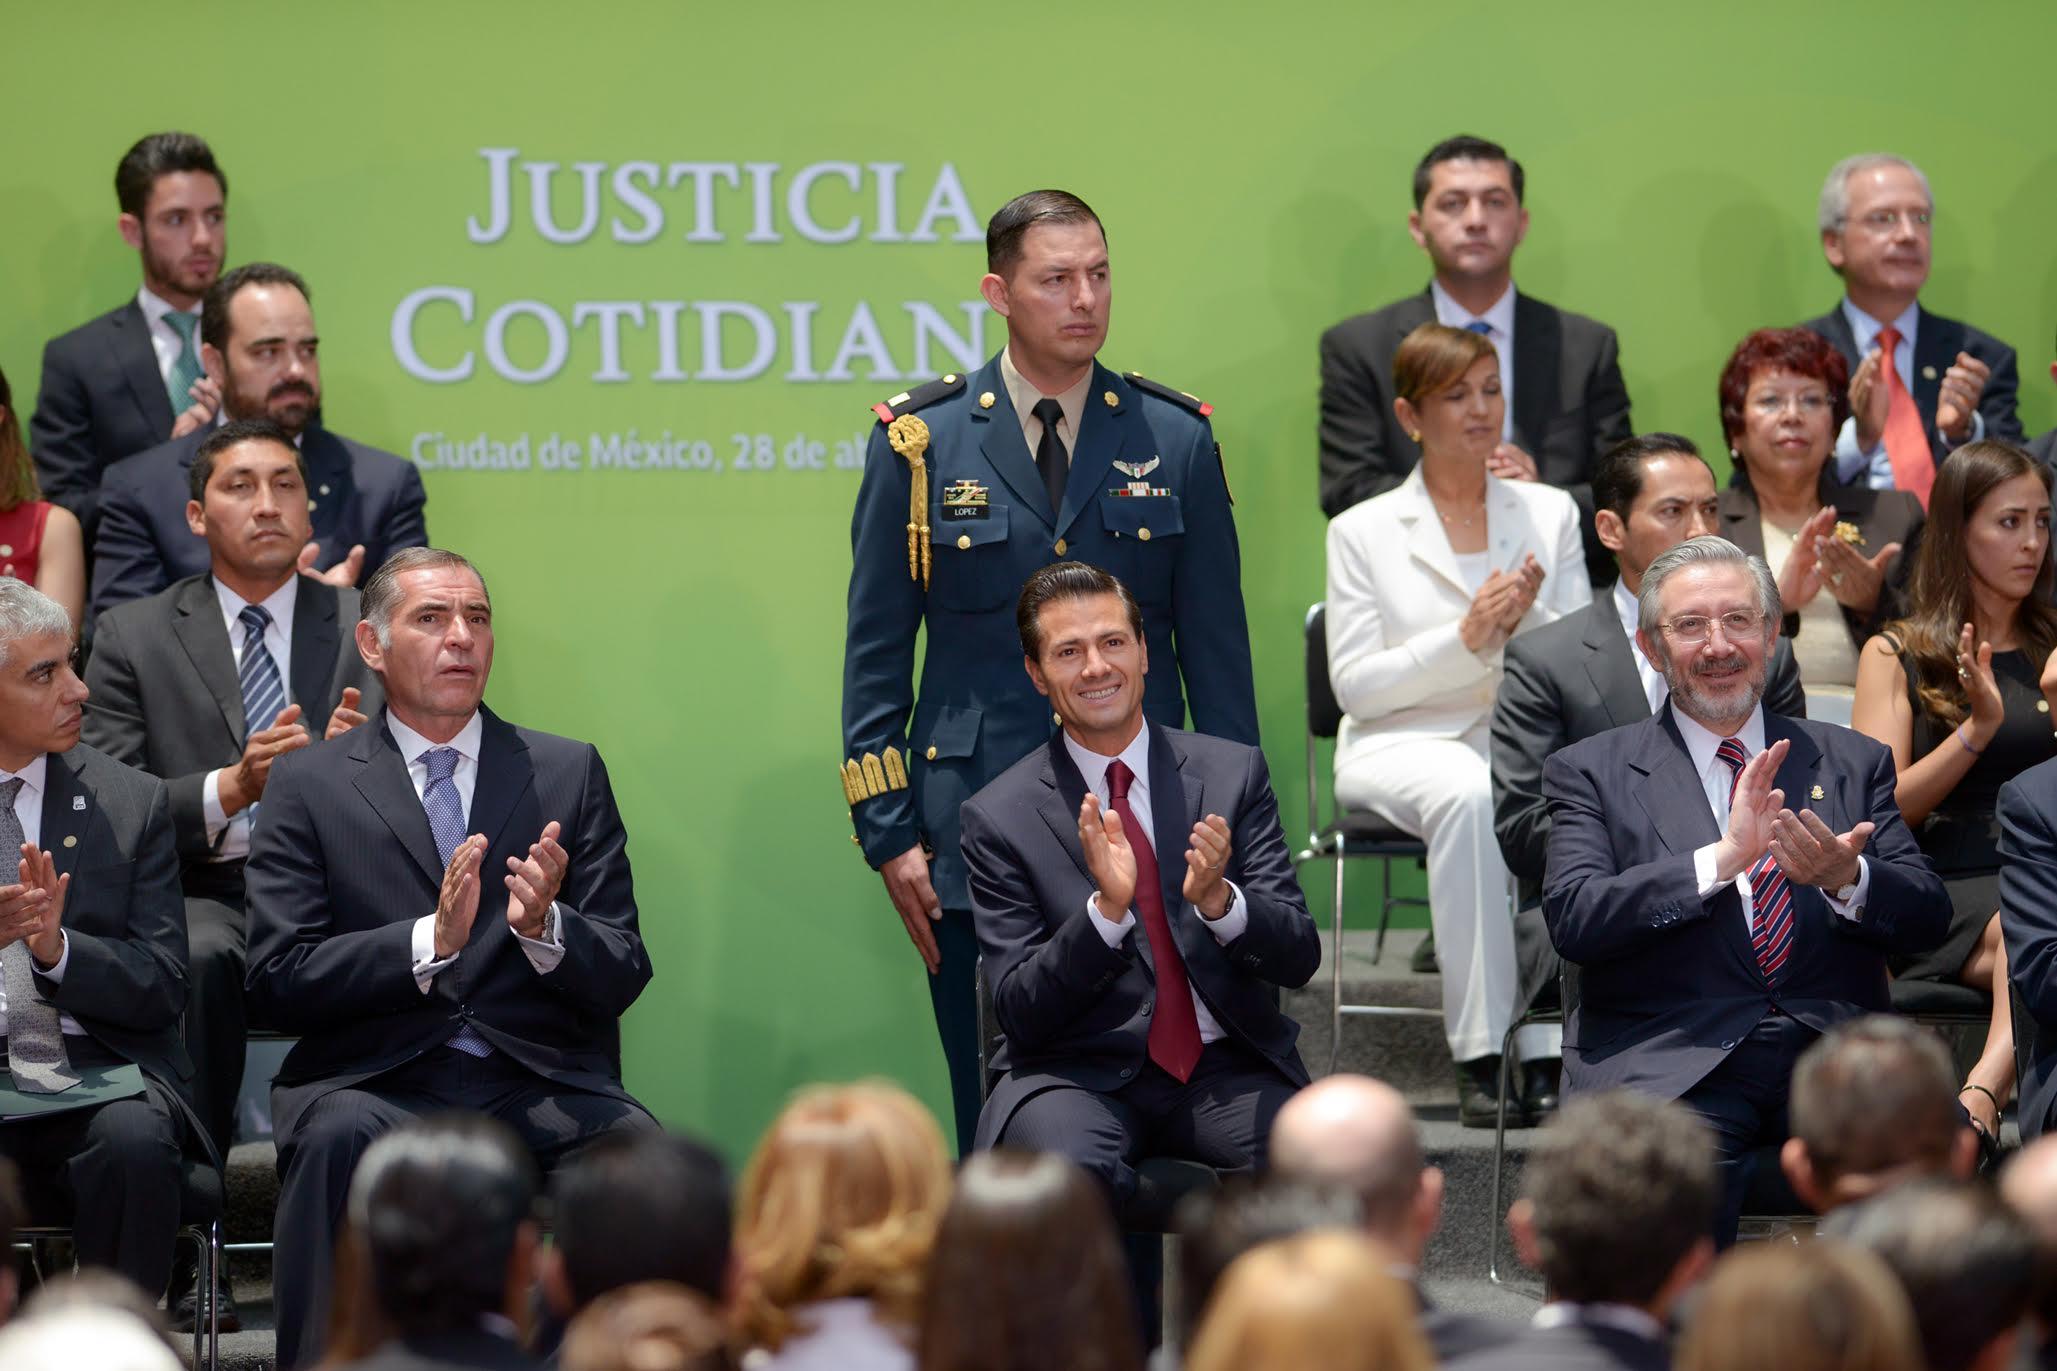 Los Diálogos por la Justicia dieron cauce a las aspiraciones y exigencias de los mexicanos; fueron convocados por el Gobierno de la República, el CIDE y el Instituto de Investigaciones Jurídicas de la UNAM.